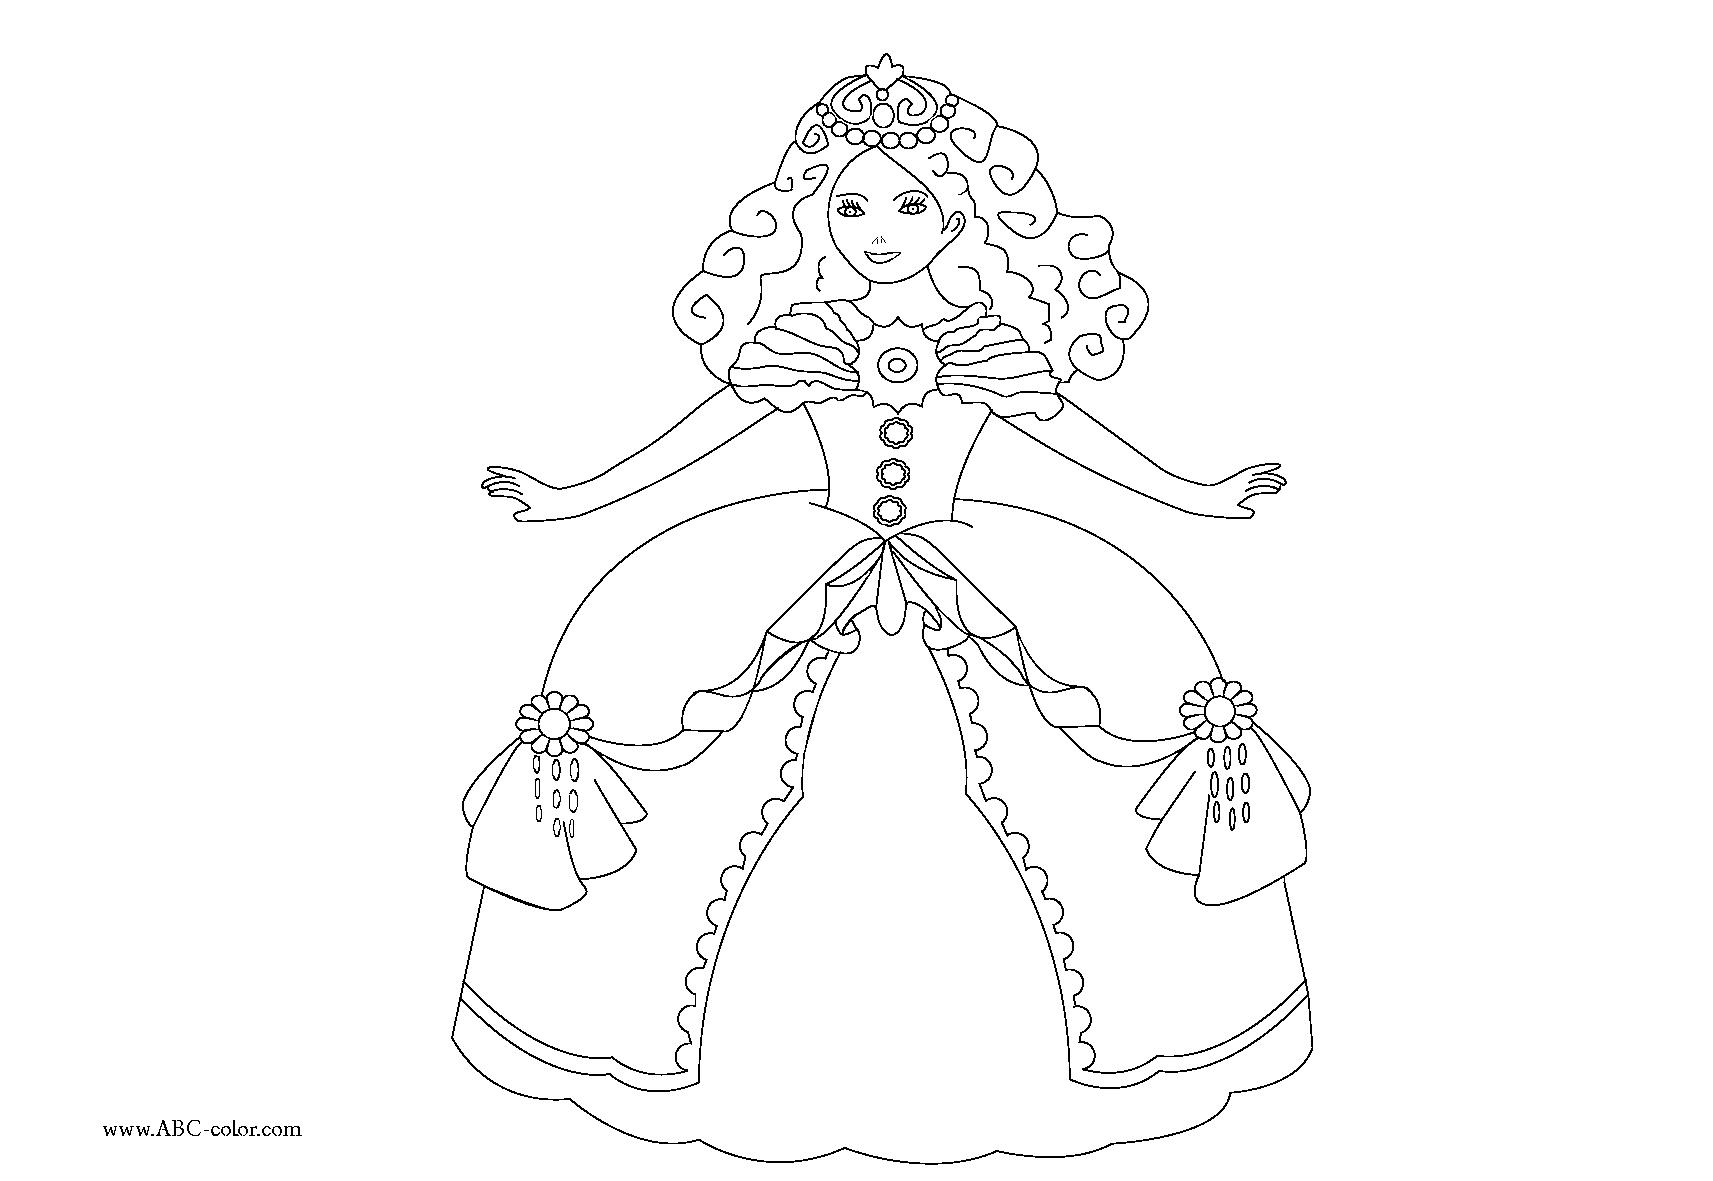 Nos Jeux De Coloriage Princesse À Imprimer Gratuit encequiconcerne Coloriage De Princesse À Imprimer Gratuit